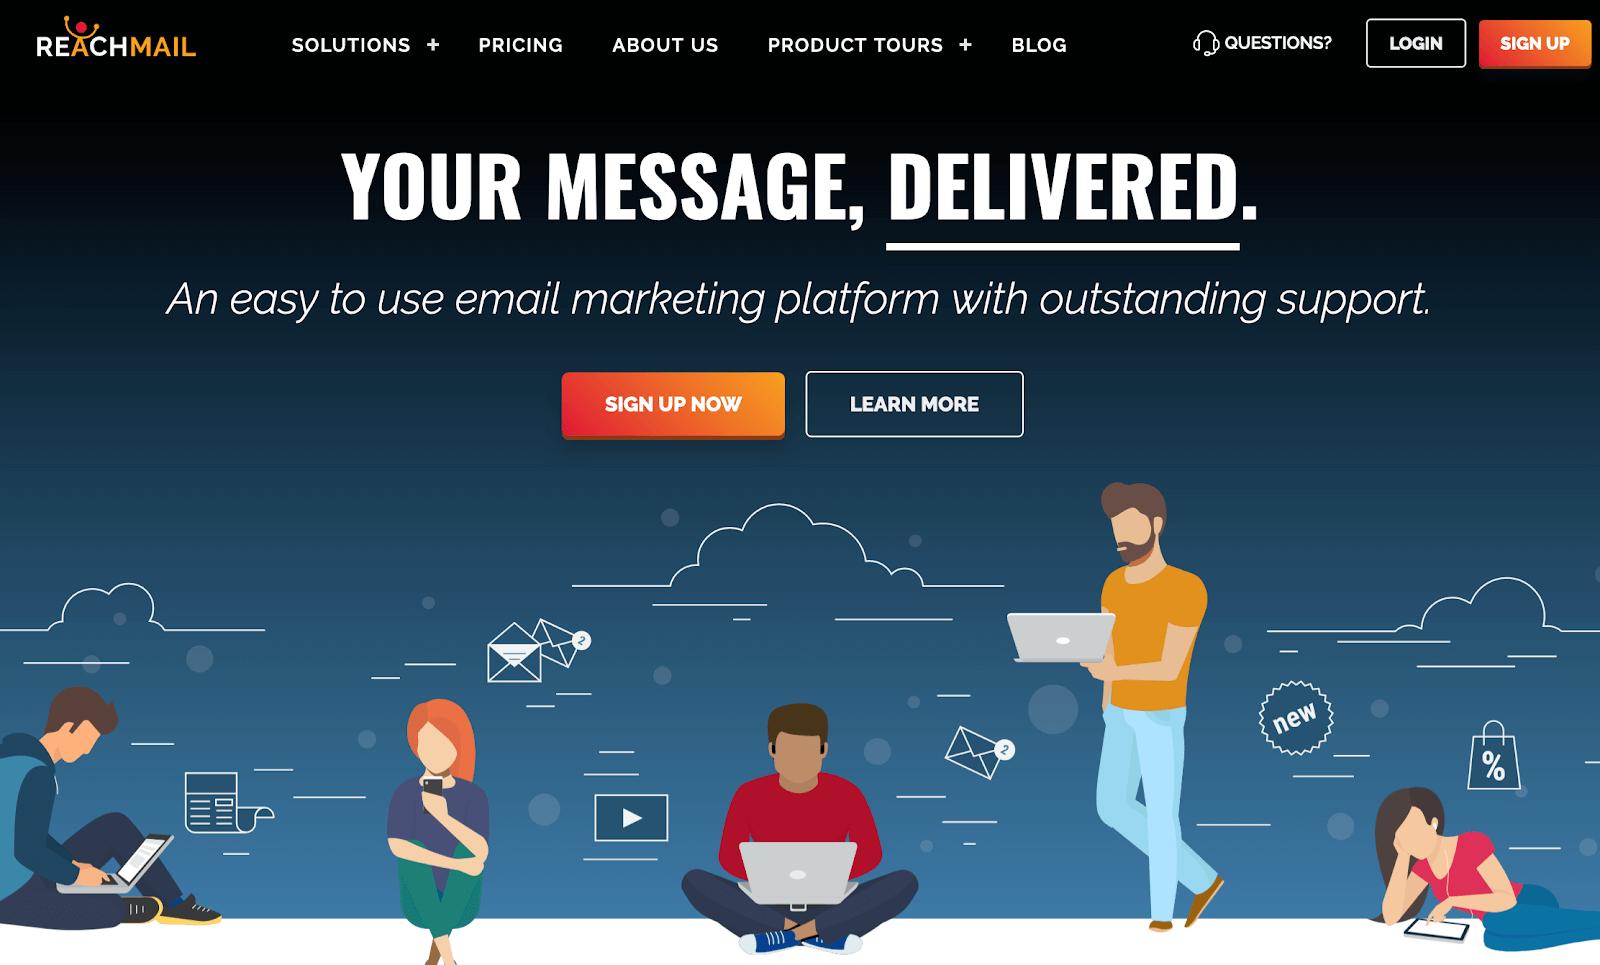 Servicio de marketing por correo electrónico ReachMail